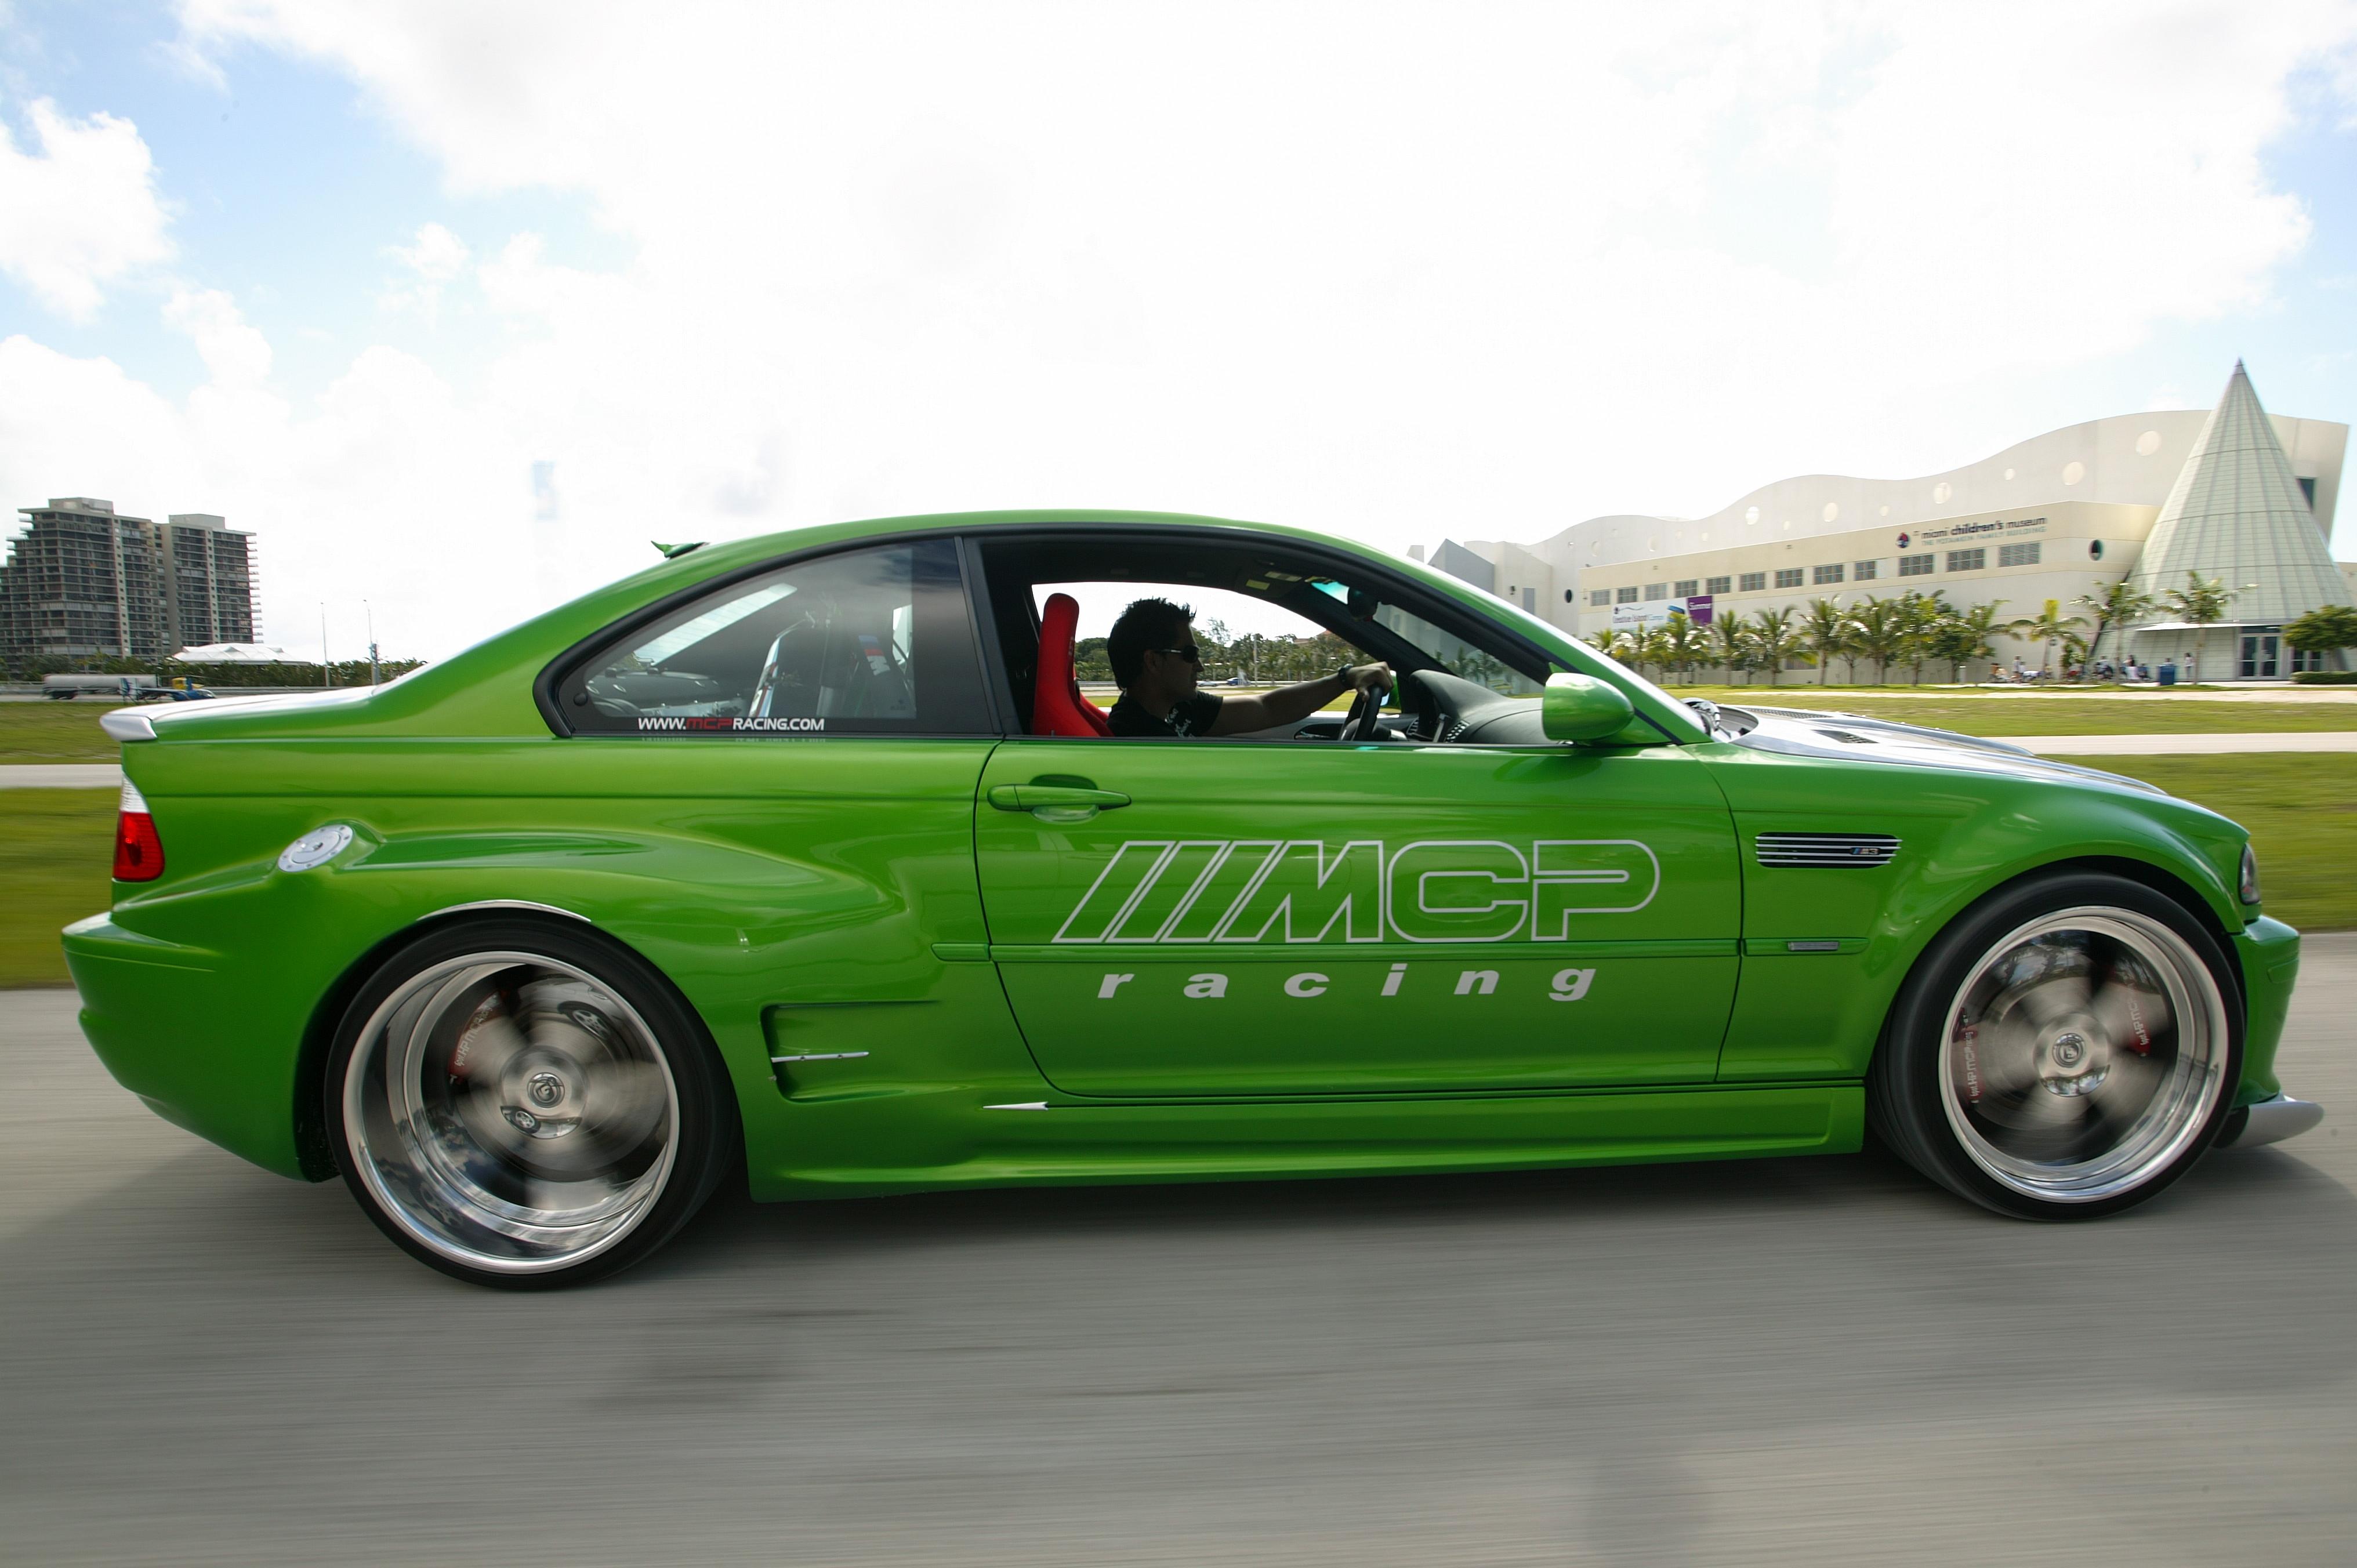 2005 BMW E46 M3